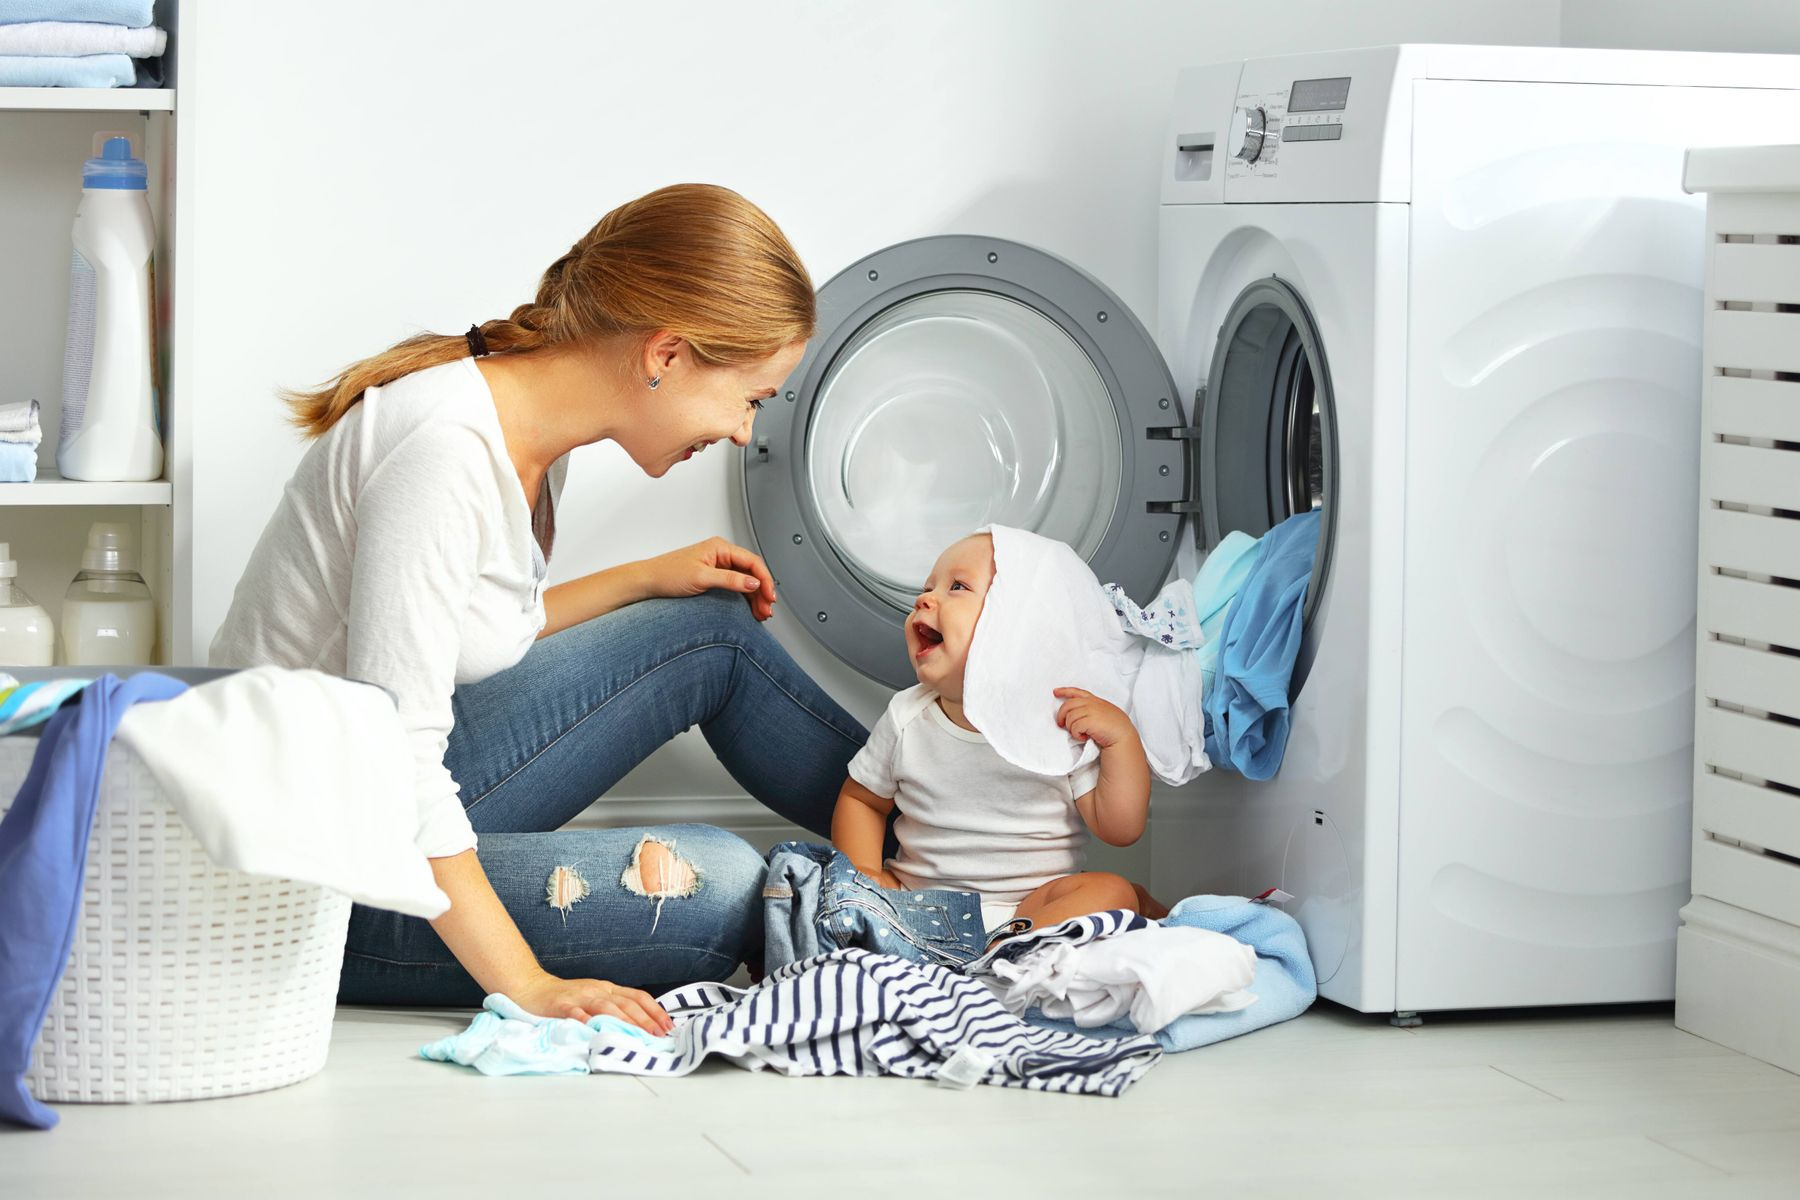 Dùng nước giặt cho trẻ sơ sinh có những lợi ích gì?